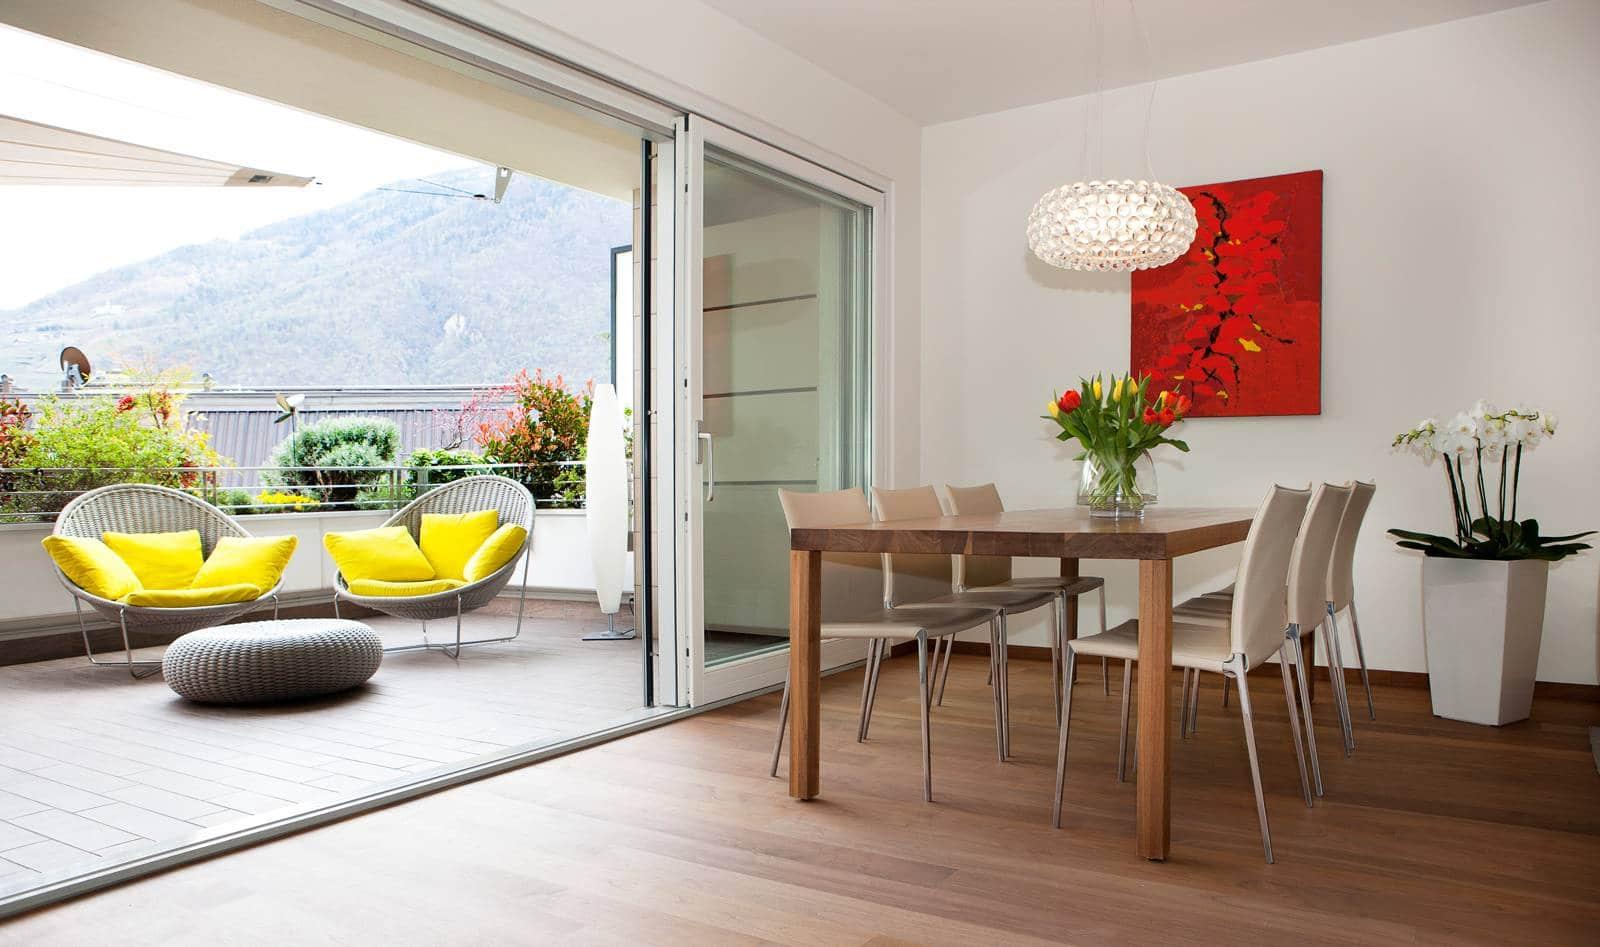 Dise o de planos de apartamento e interior for Diseno de interiores departamentos modernos